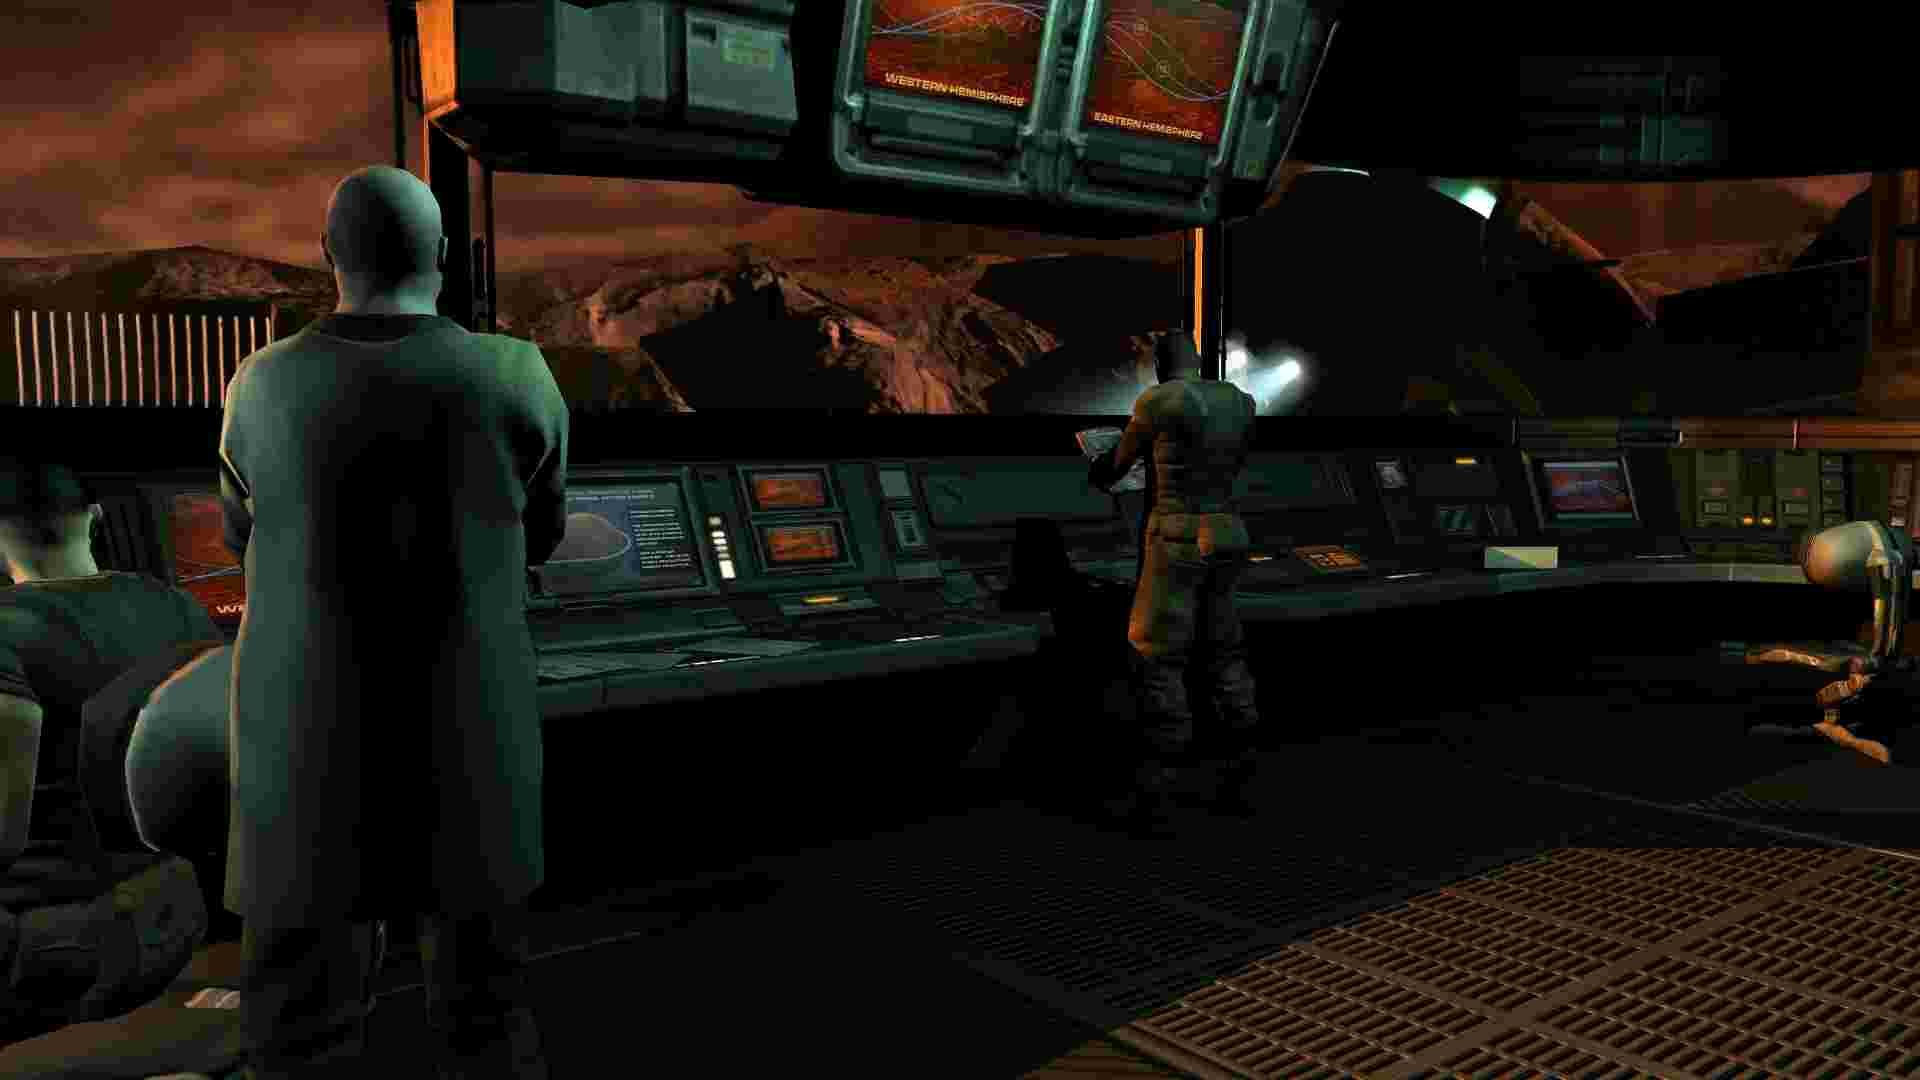 Ігрові заставки, зроблені на рушії, приємно вражали (скріншоти у цьому огляді зроблені з HD-римейка)